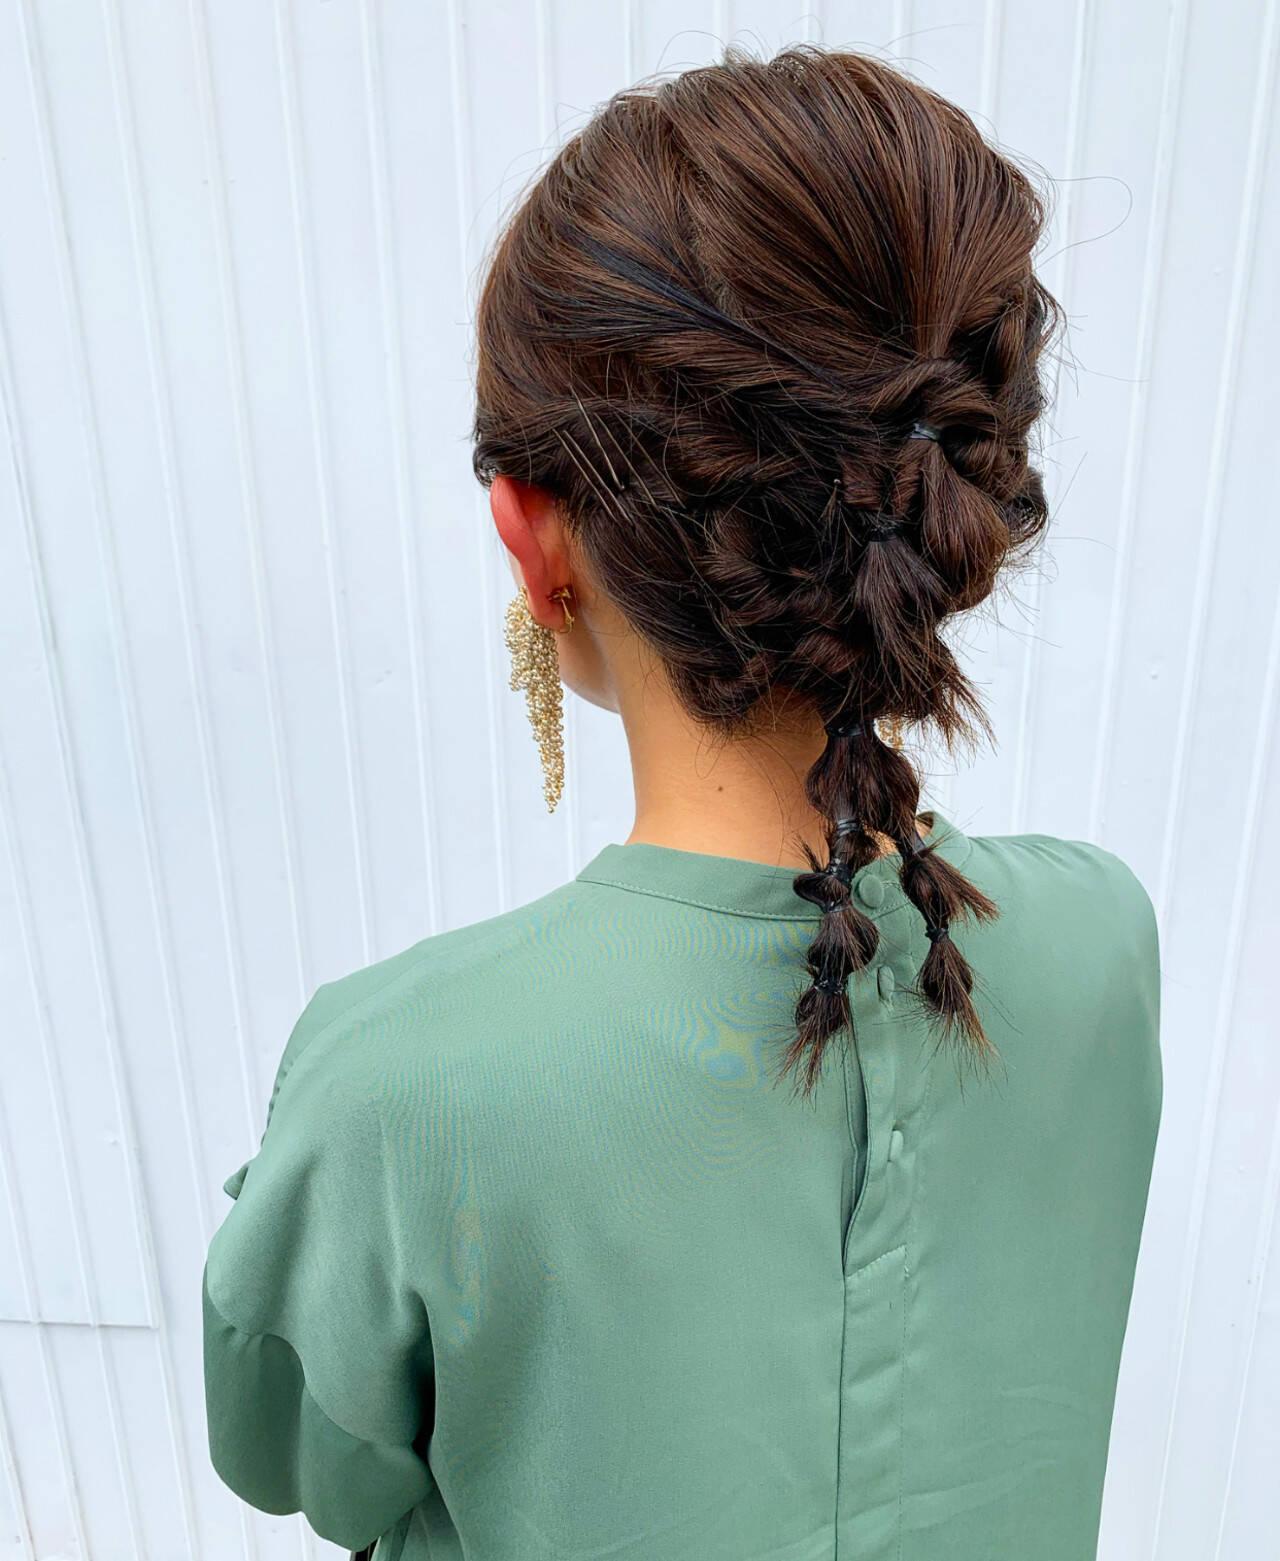 ナチュラル 簡単ヘアアレンジ 結婚式ヘアアレンジ ヘアアレンジヘアスタイルや髪型の写真・画像